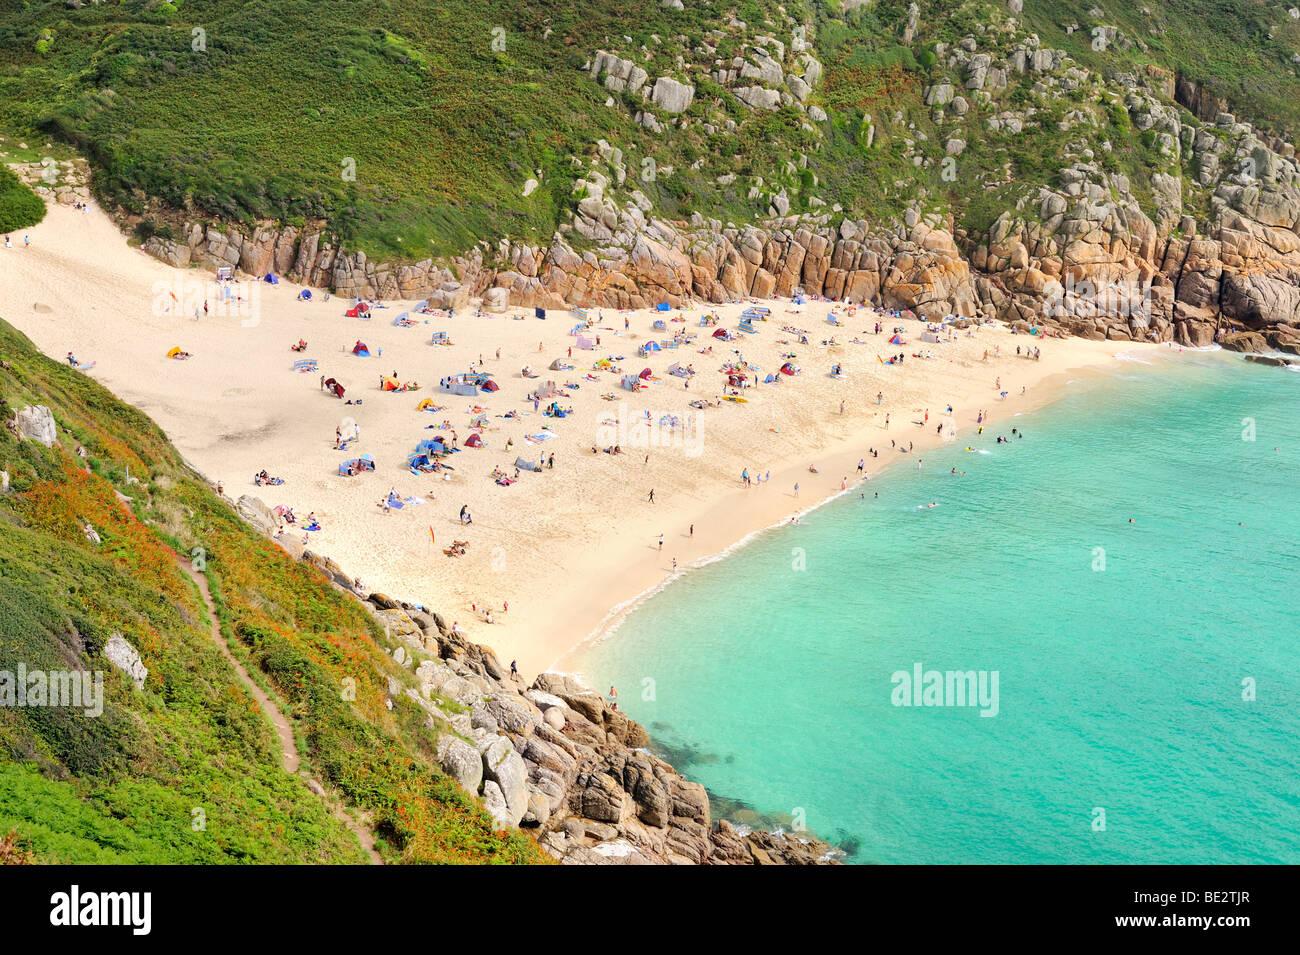 Cote Sud Angleterre porthcurno bay, une plage sur la côte sud-est de l'angleterre